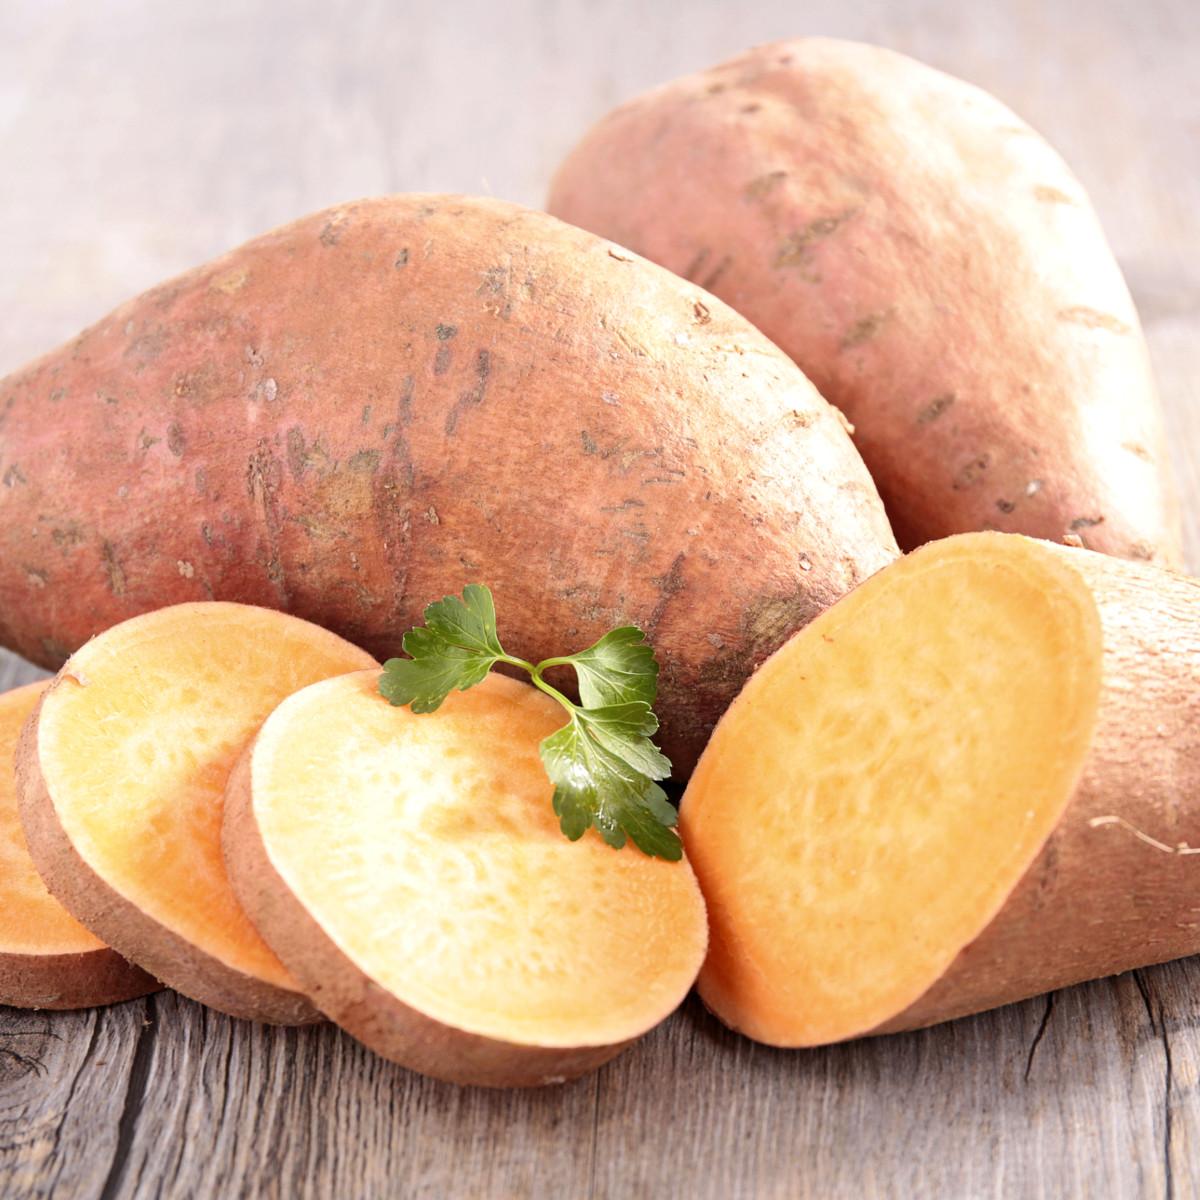 5-alimentos-mais-nutritivos-para-bebes-batata-doce